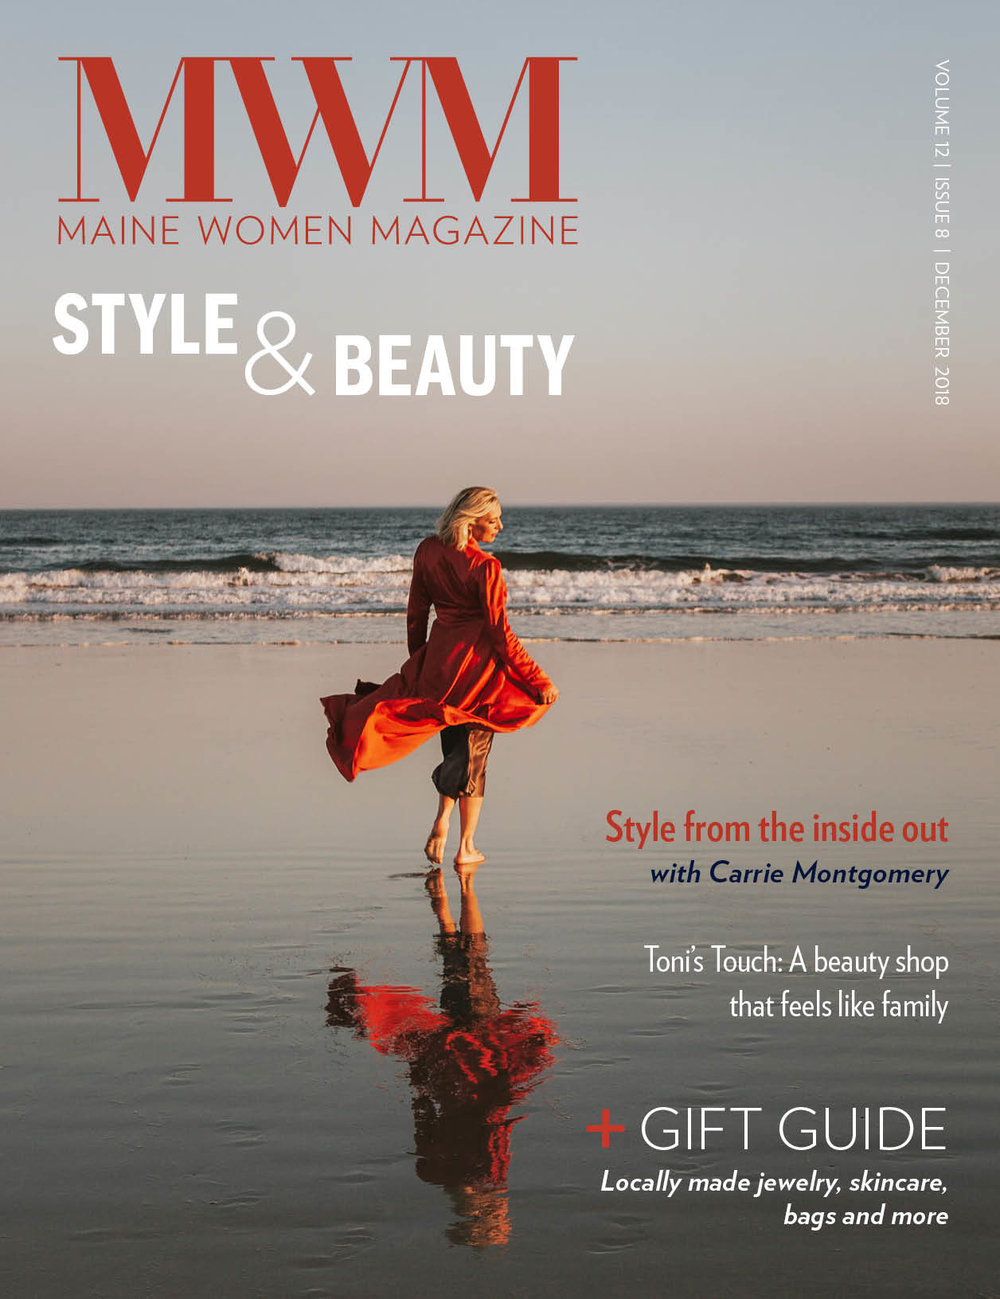 Maine Women Magazine Cover Editorial Photographer Heidi Kirn.jpg